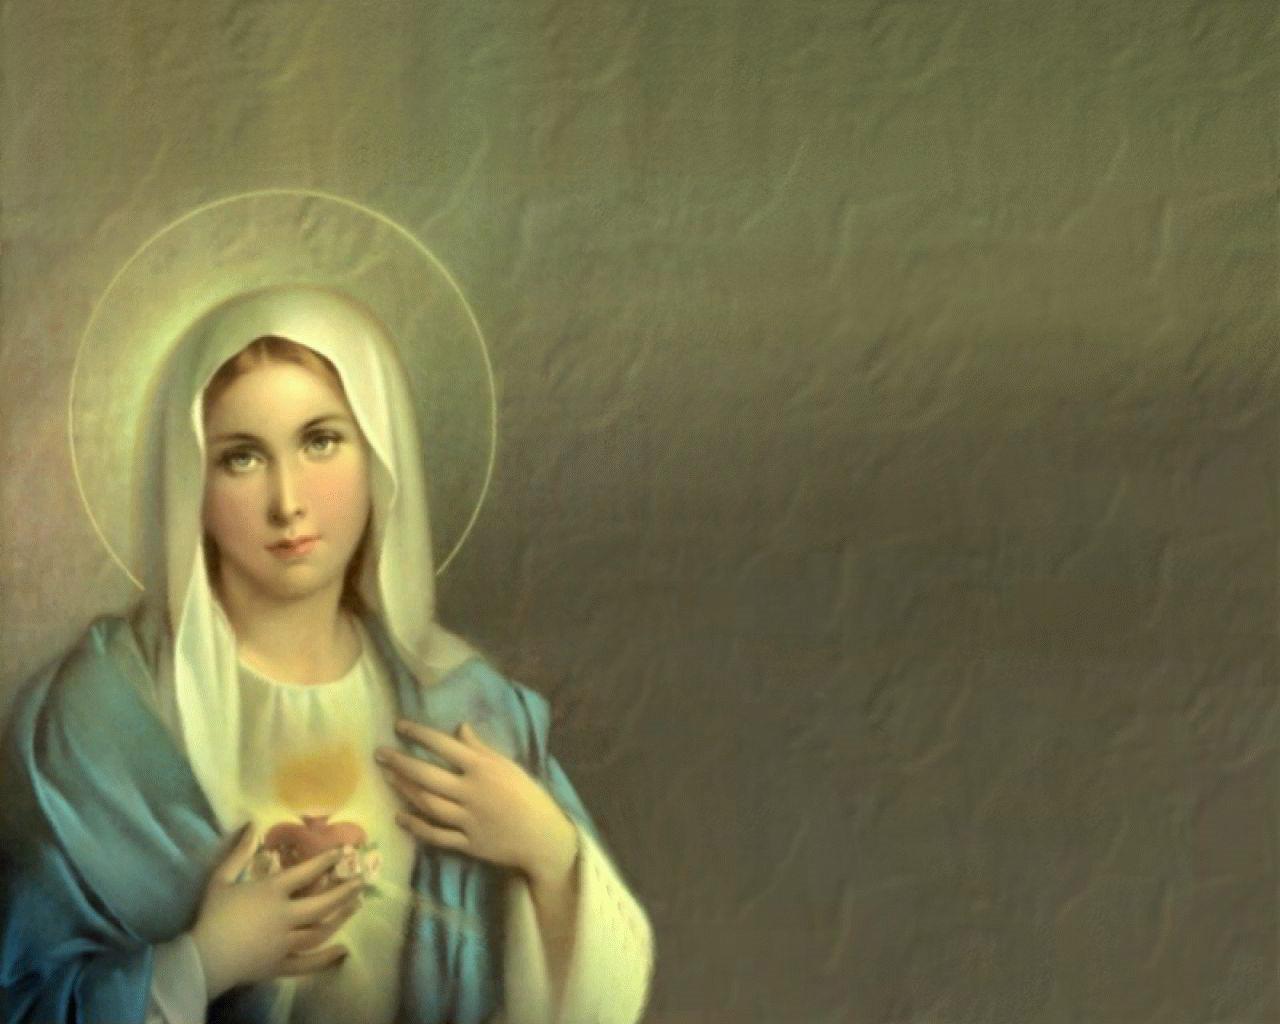 Молитва Пресвятой Богородице о помощи в любви и рождении ребенка